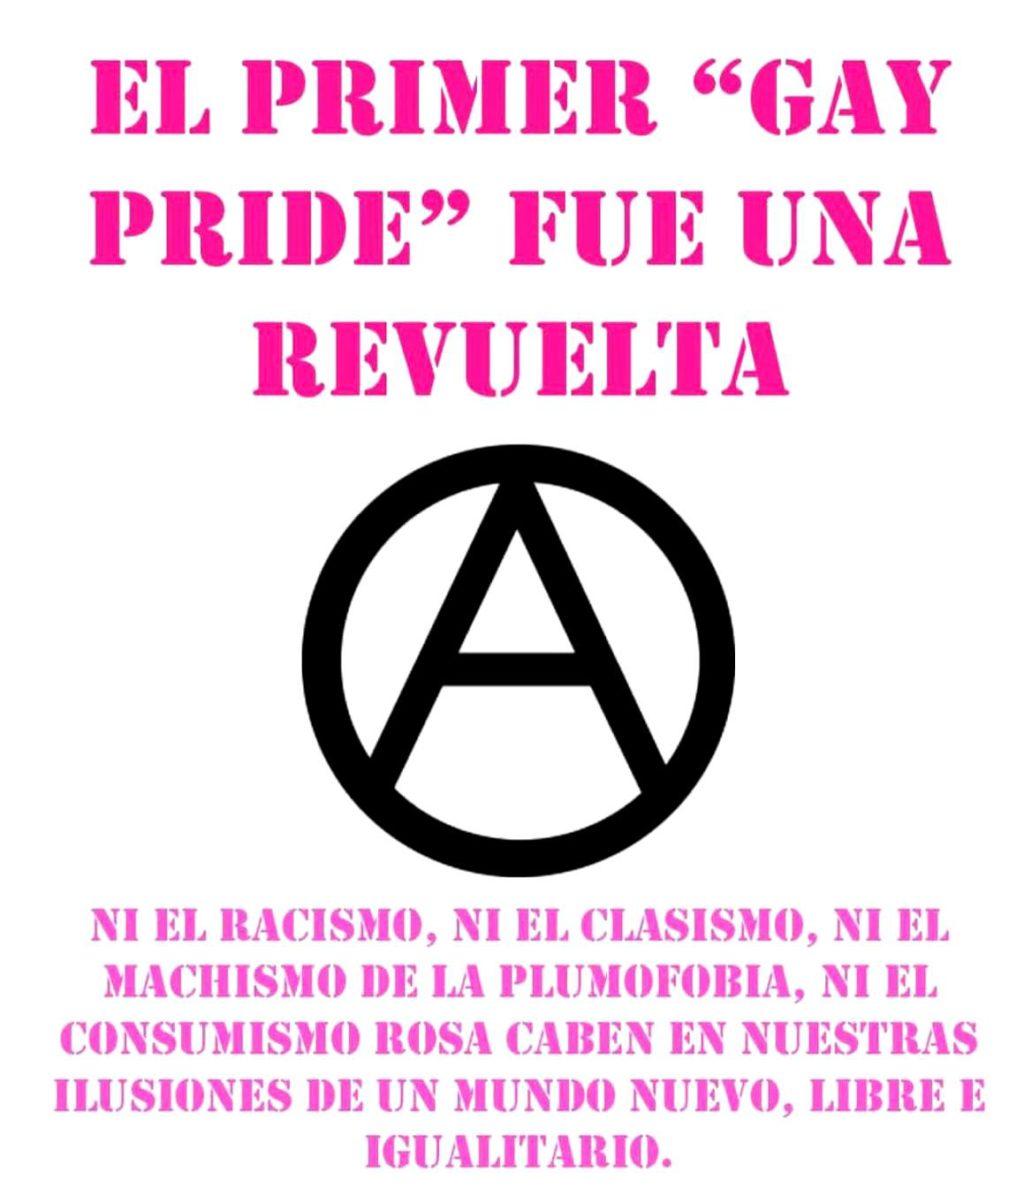 primer-gay-pride-fue-una-revuelta